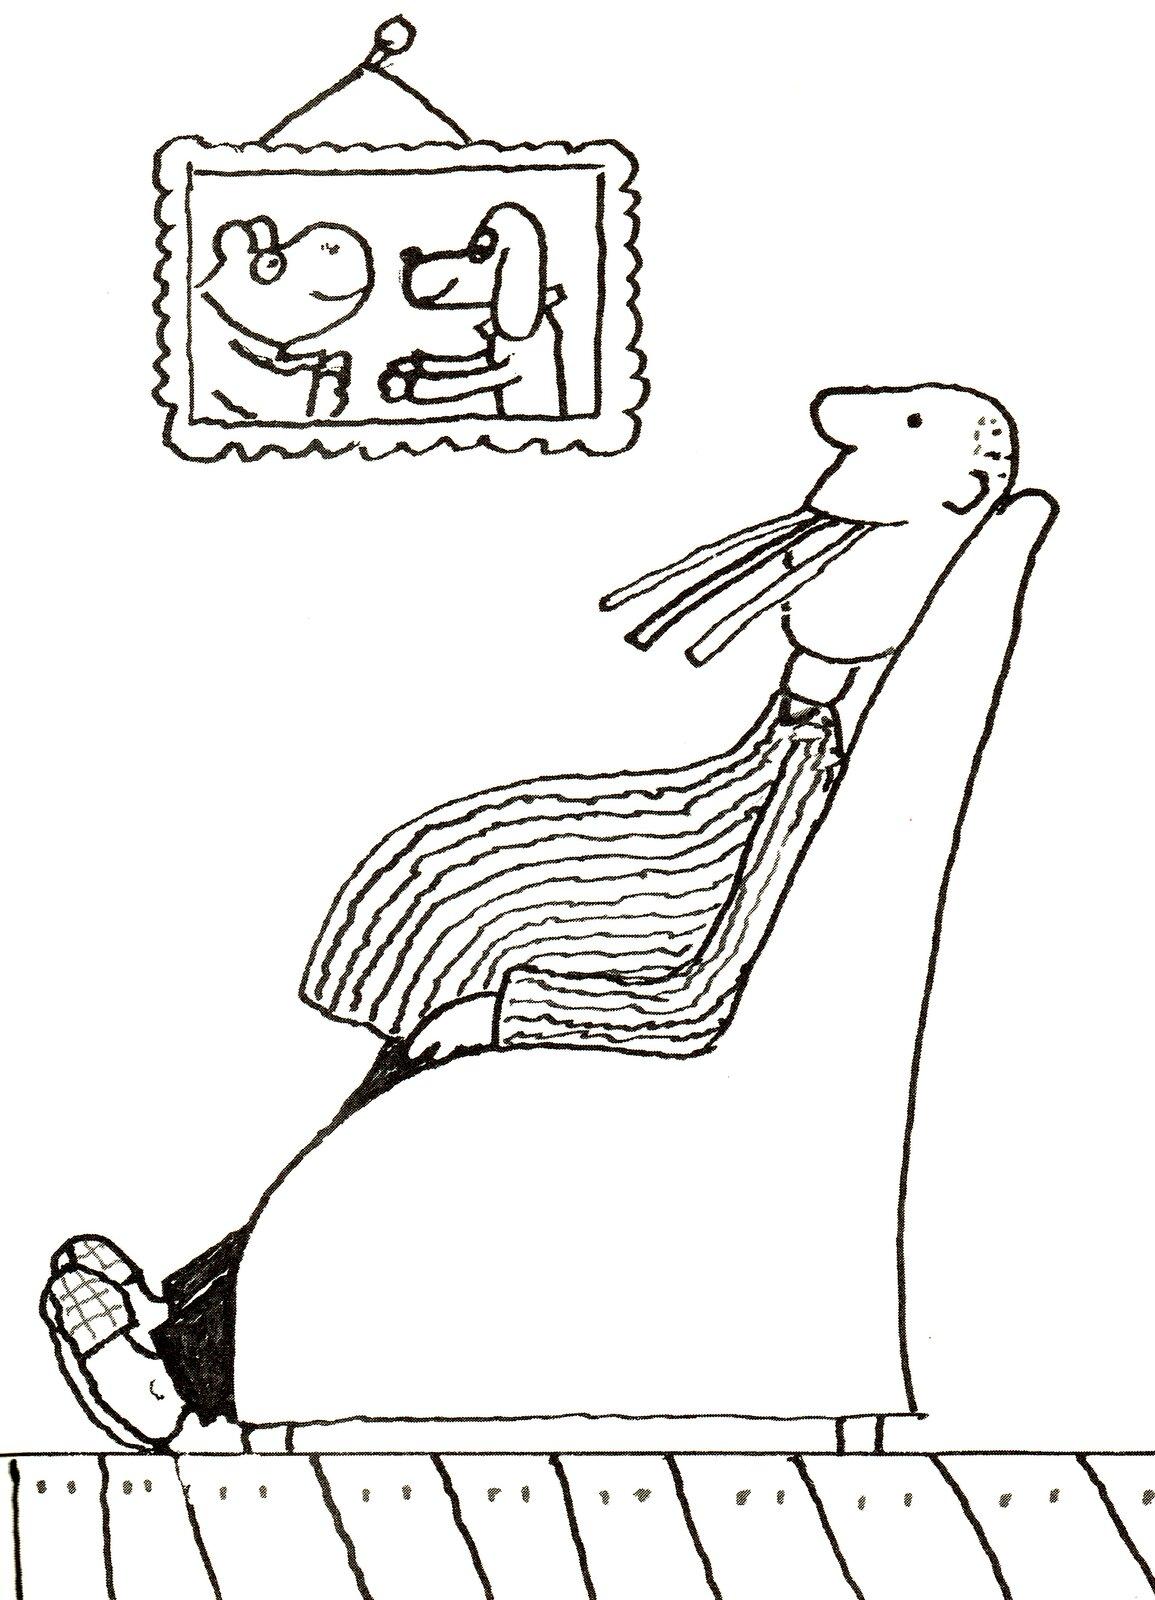 """Ilustracja przedstawia grafikę zksiążki dla dzieci Wandy Chotomskiej """"Bobry mówią dzień bobry"""", ukazującą mężczyznę zprofilu, siedzącego wfotelu. Postać ma wyciągnięte nogi iduży brzuch. Na ścianie wisi zdjęcie psa ikrowy."""